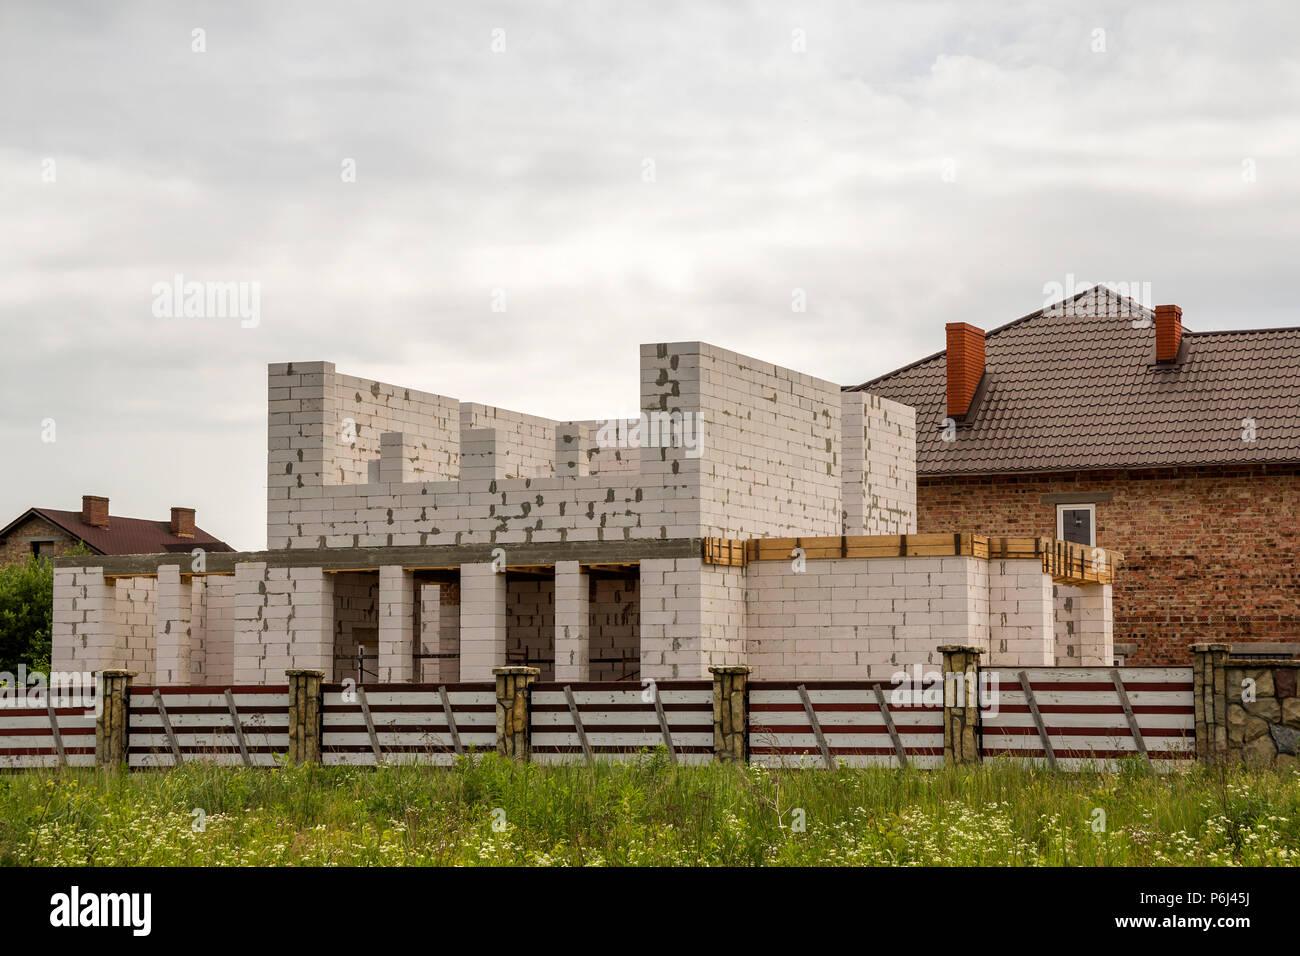 Mattoni Bianchi Per Esterni con mattoni bianchi alti muri per futuro spaziosa casa